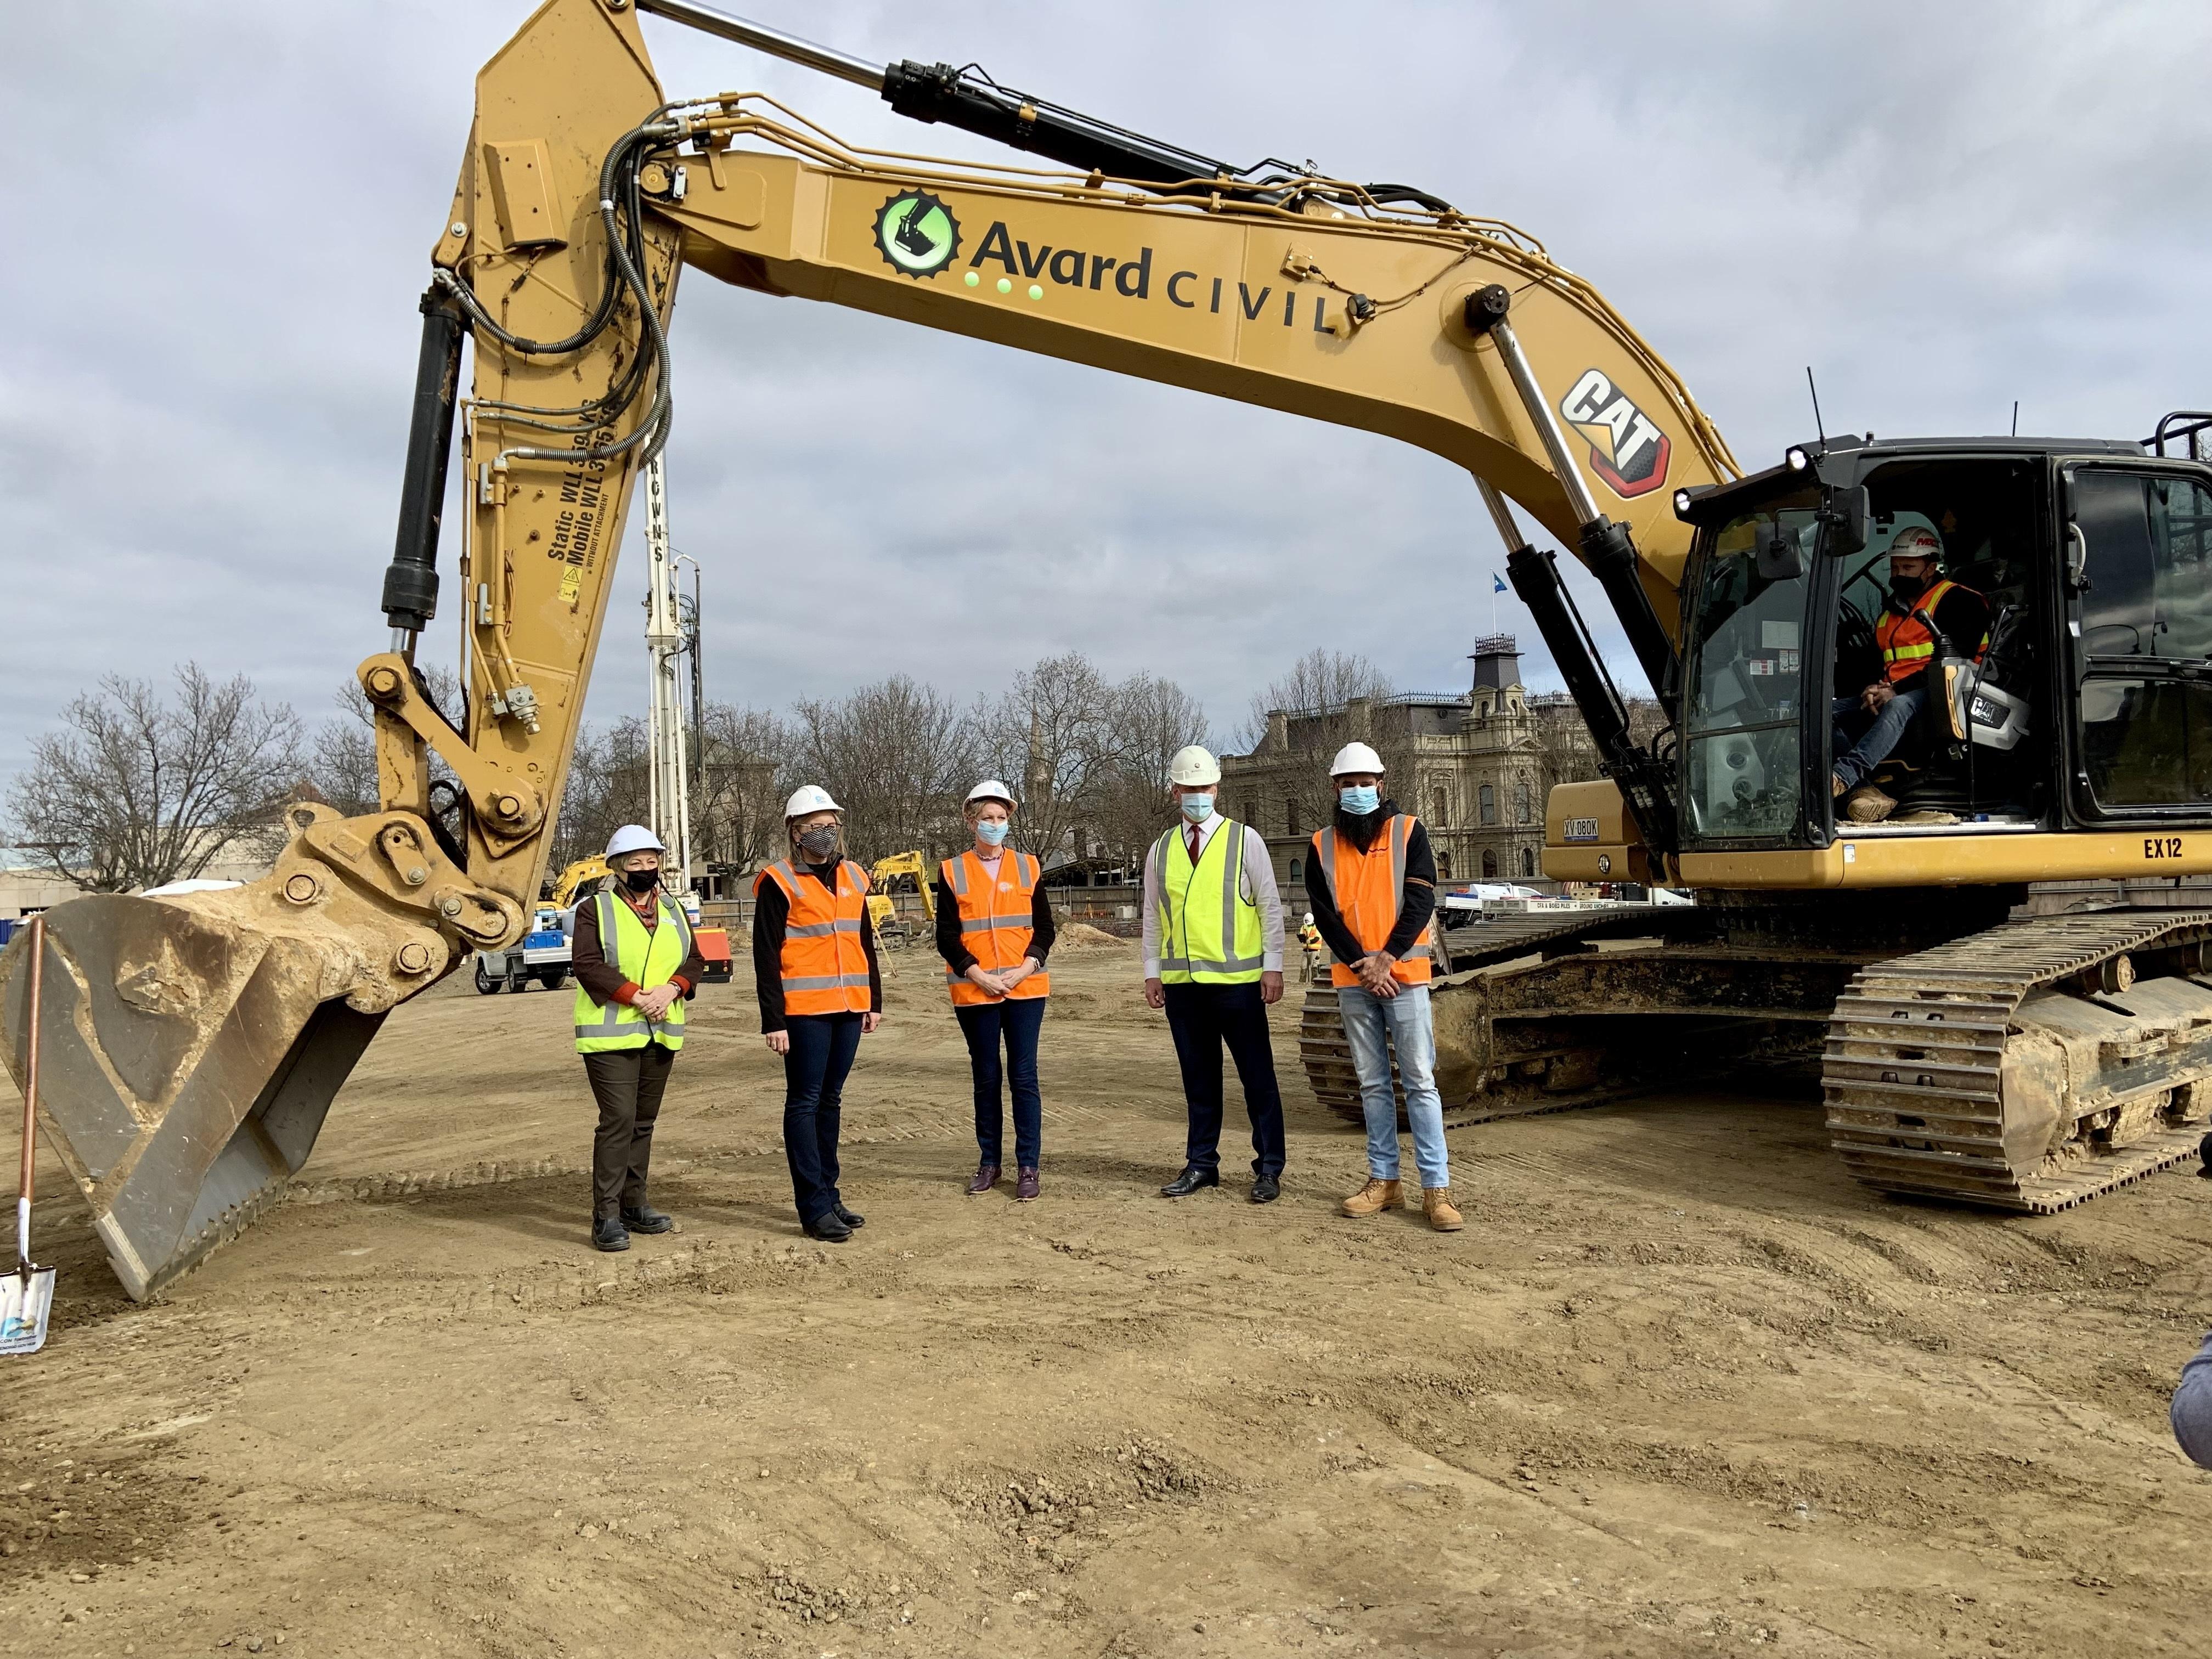 Five people in high vis vests standing in front of excavator